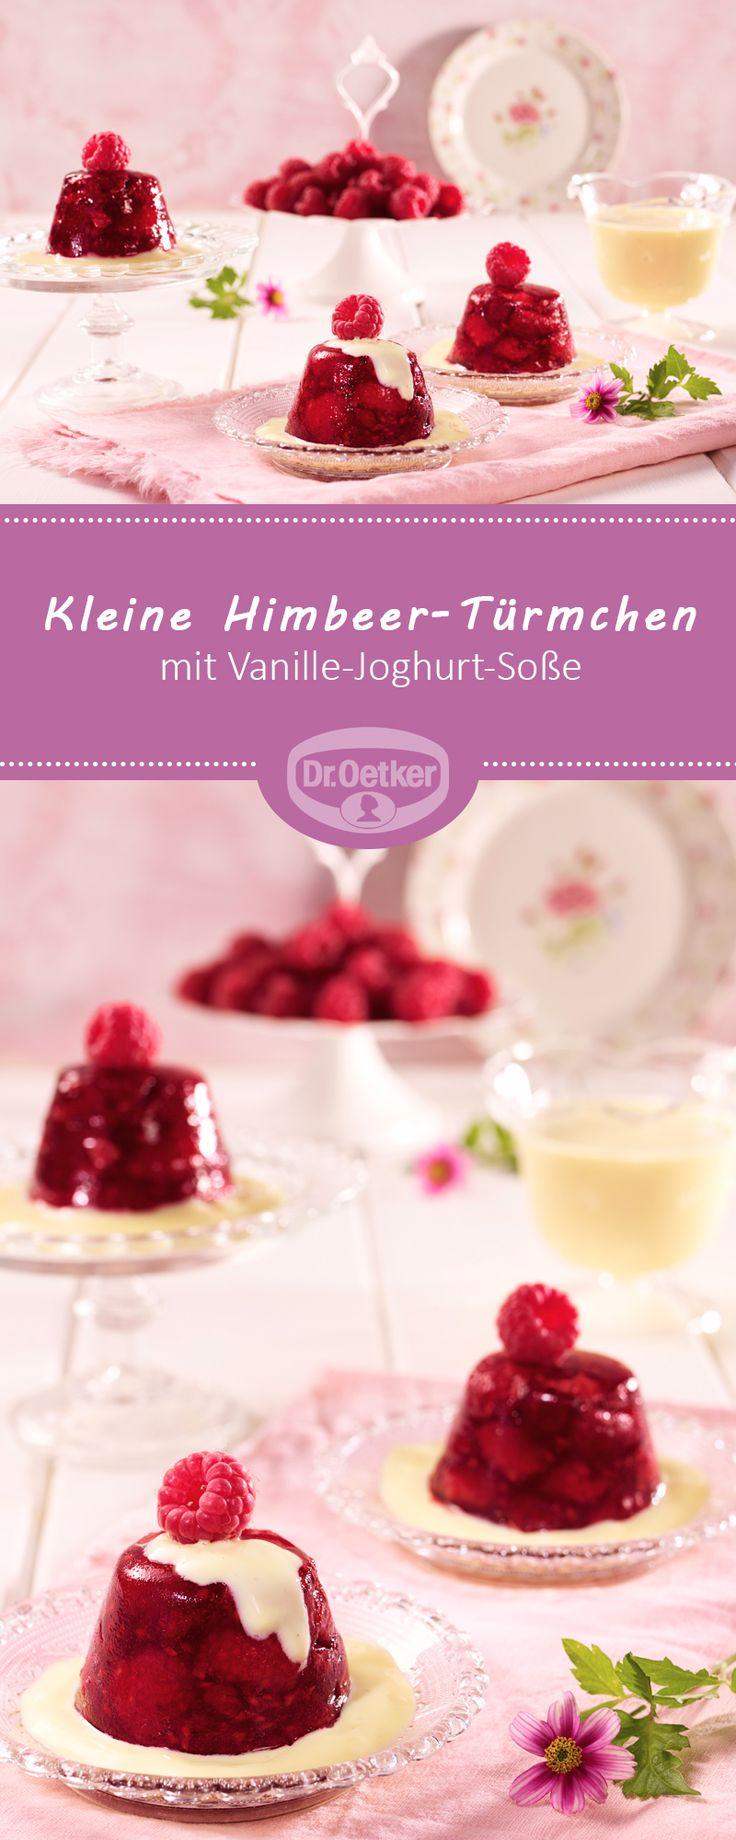 Jetzt passend zu der Pantone Trendfarbe Spring Crocus: Kleine Himbeer-Türmchen mit Vanille-Joghurt-Soße - Himbeeren mit vegetarischem Geliermittel mit Vanille-Joghurt-Soße